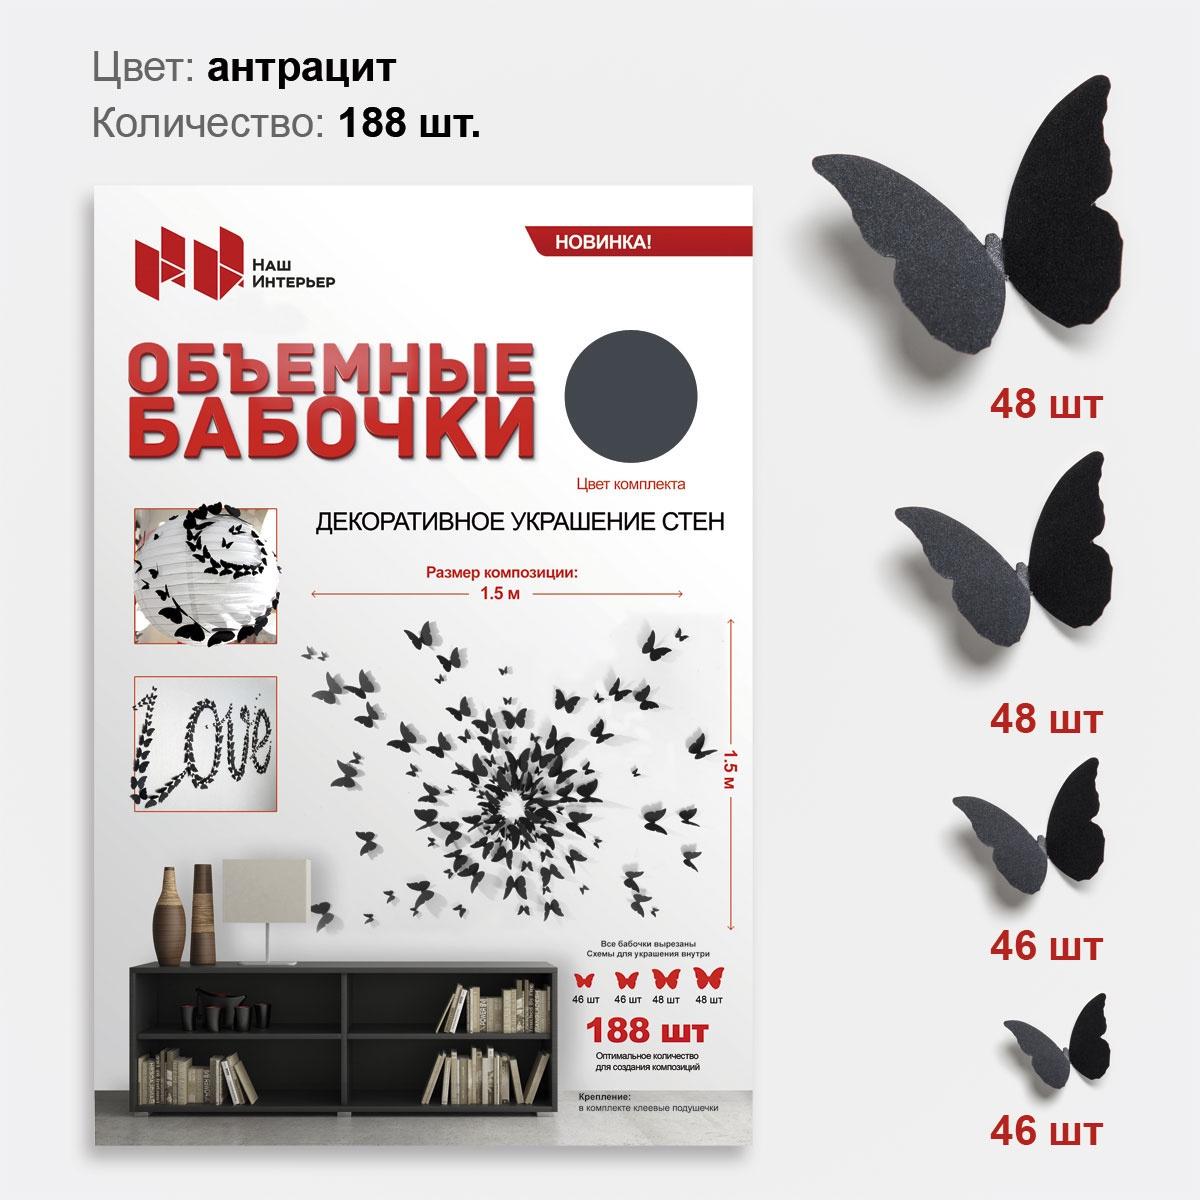 Дизайнерские бабочки Наш интерьер 3d декор из бумаги, цвет: антрацит, 188 шт бабочки из бумаги дизайнерские наш интерьер белое золото 96 шт 3d декор